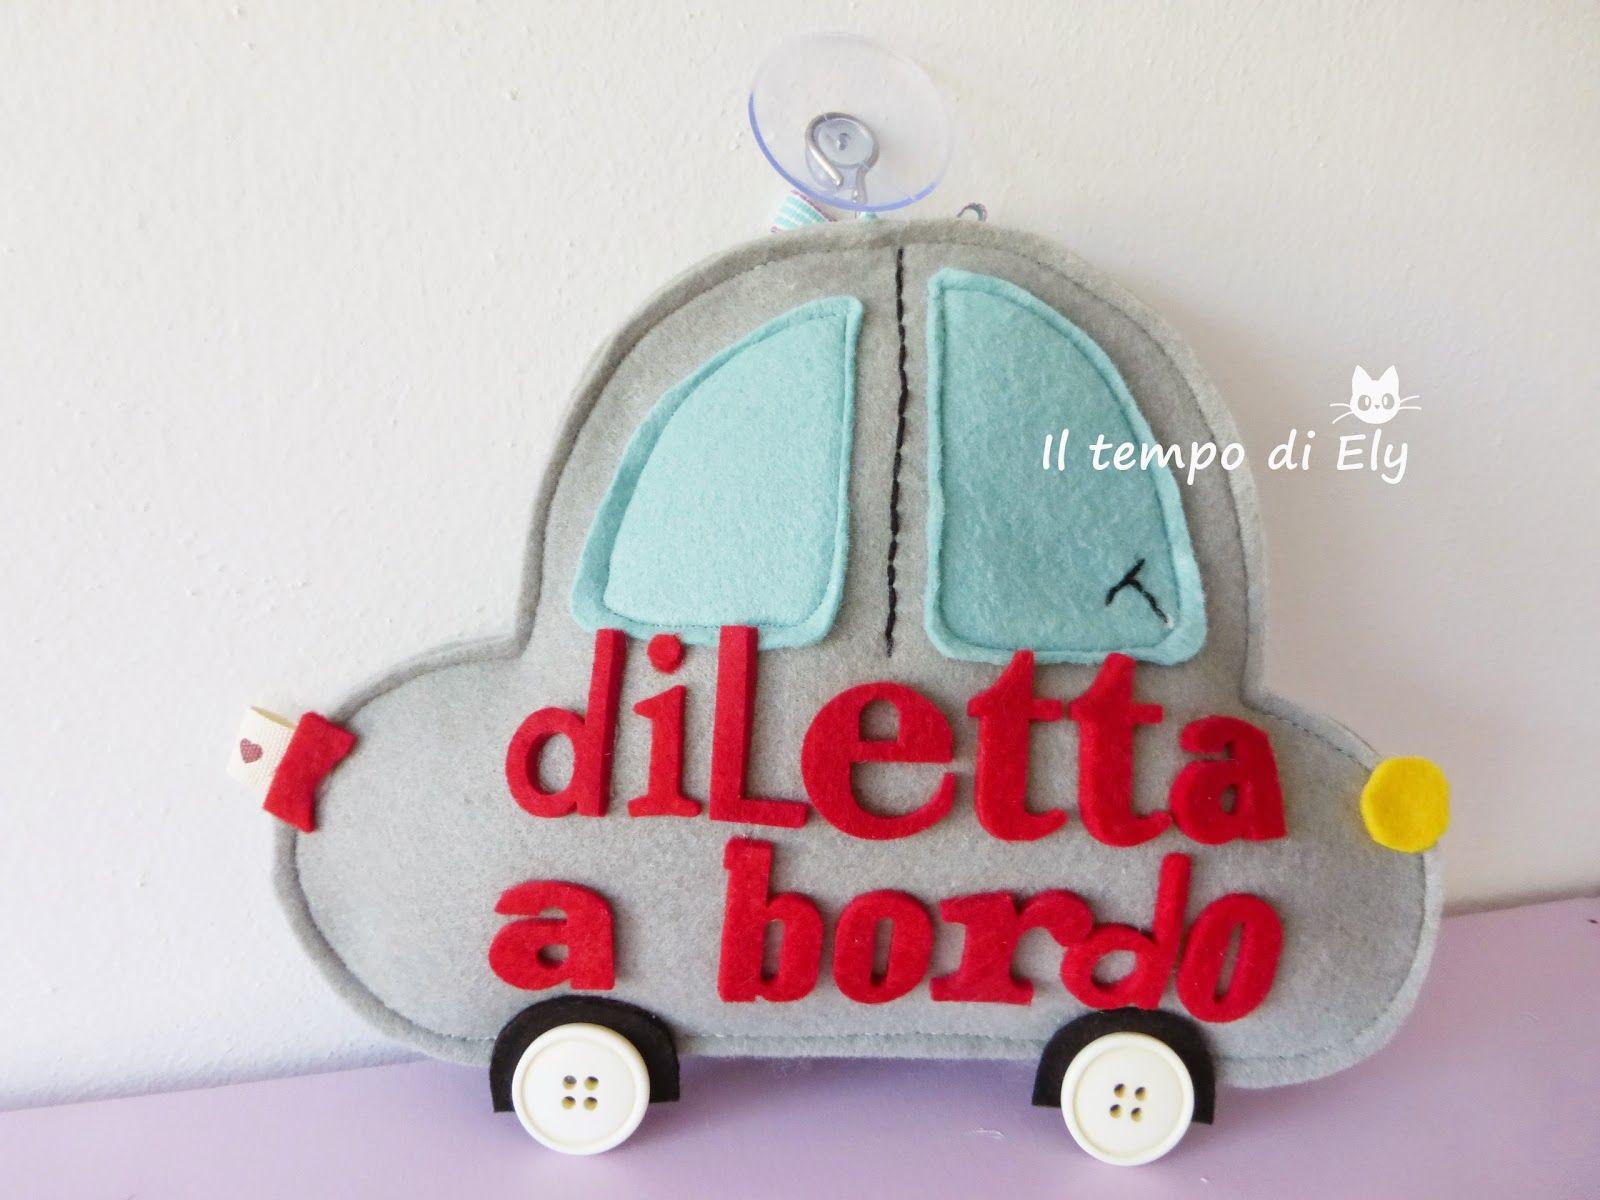 Das Bambini ~ Bimbo a bordo il tempo di ely bimbi pinterest baby crafts